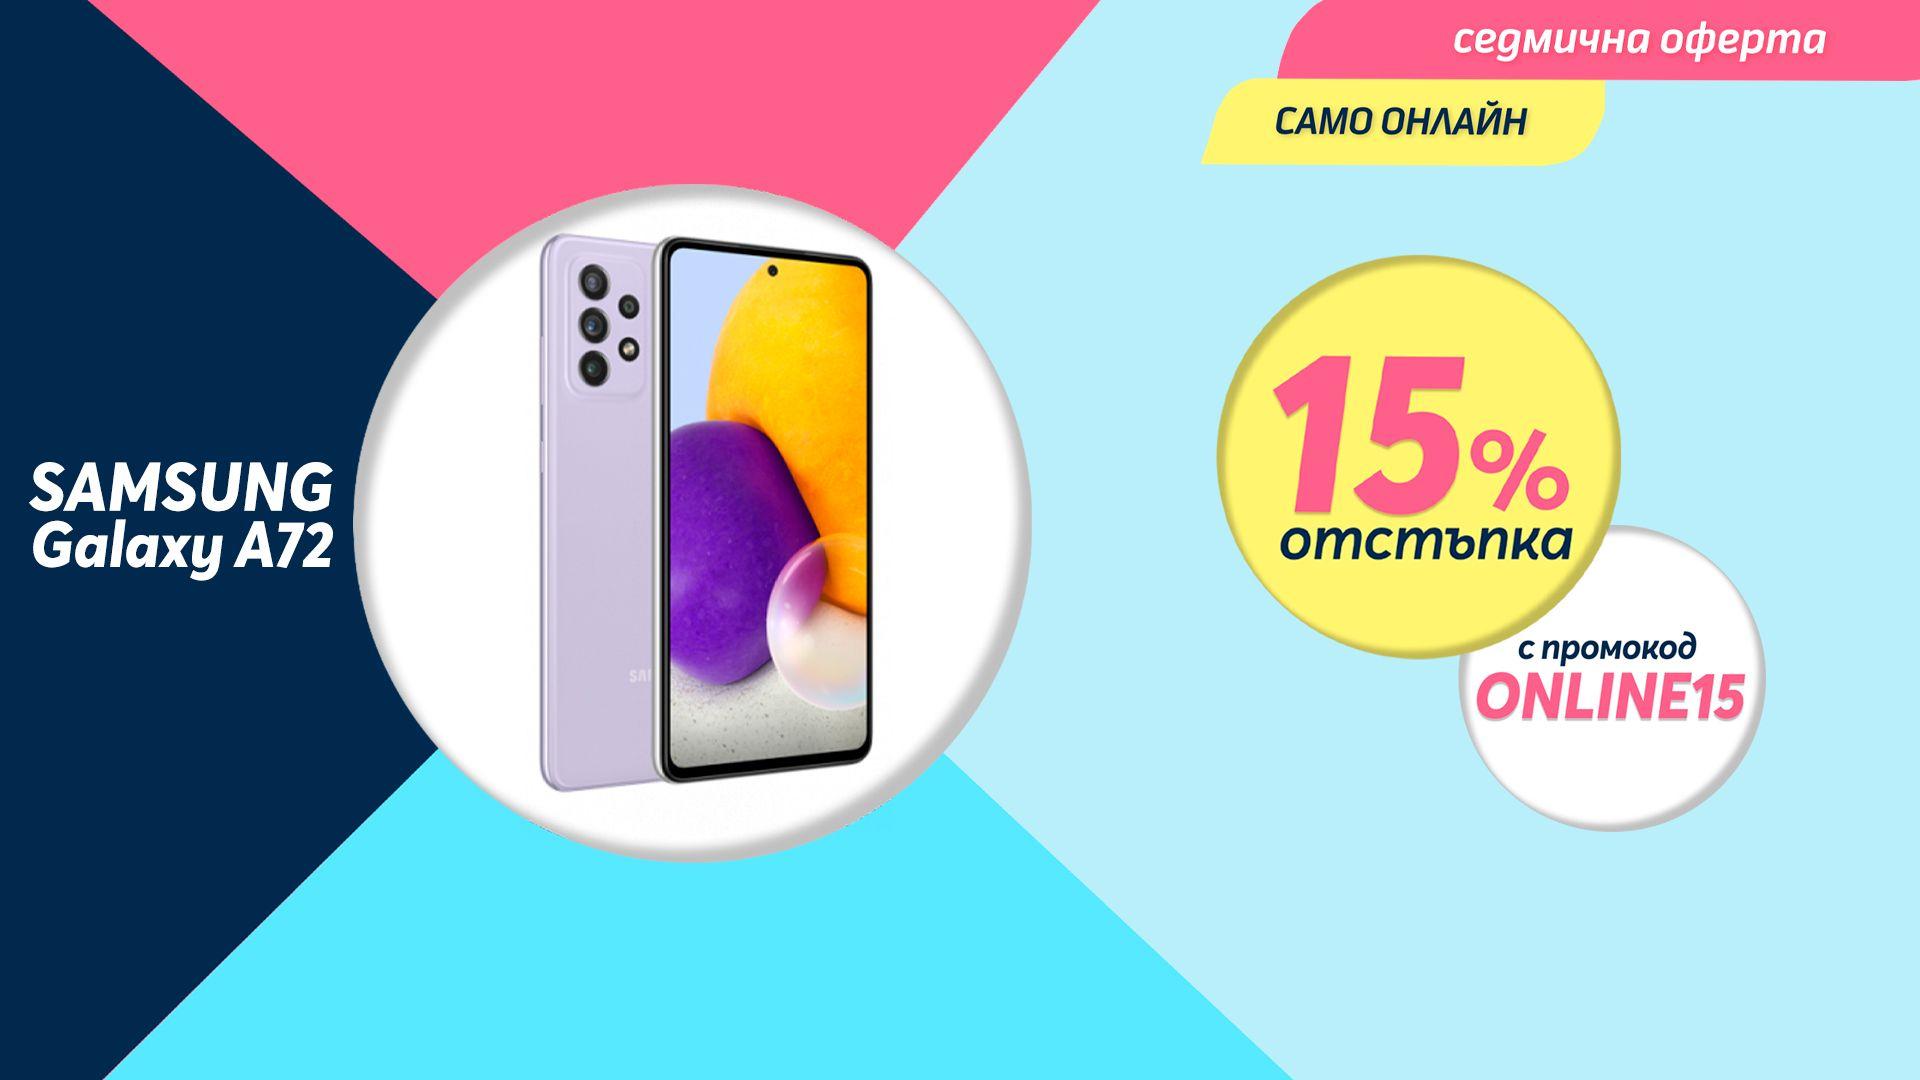 Само онлайн от Теленор тази седмица: смартфон SAMSUNG A725F Galaxy A72 128GB Dual с 15% отстъпка от цената в брой